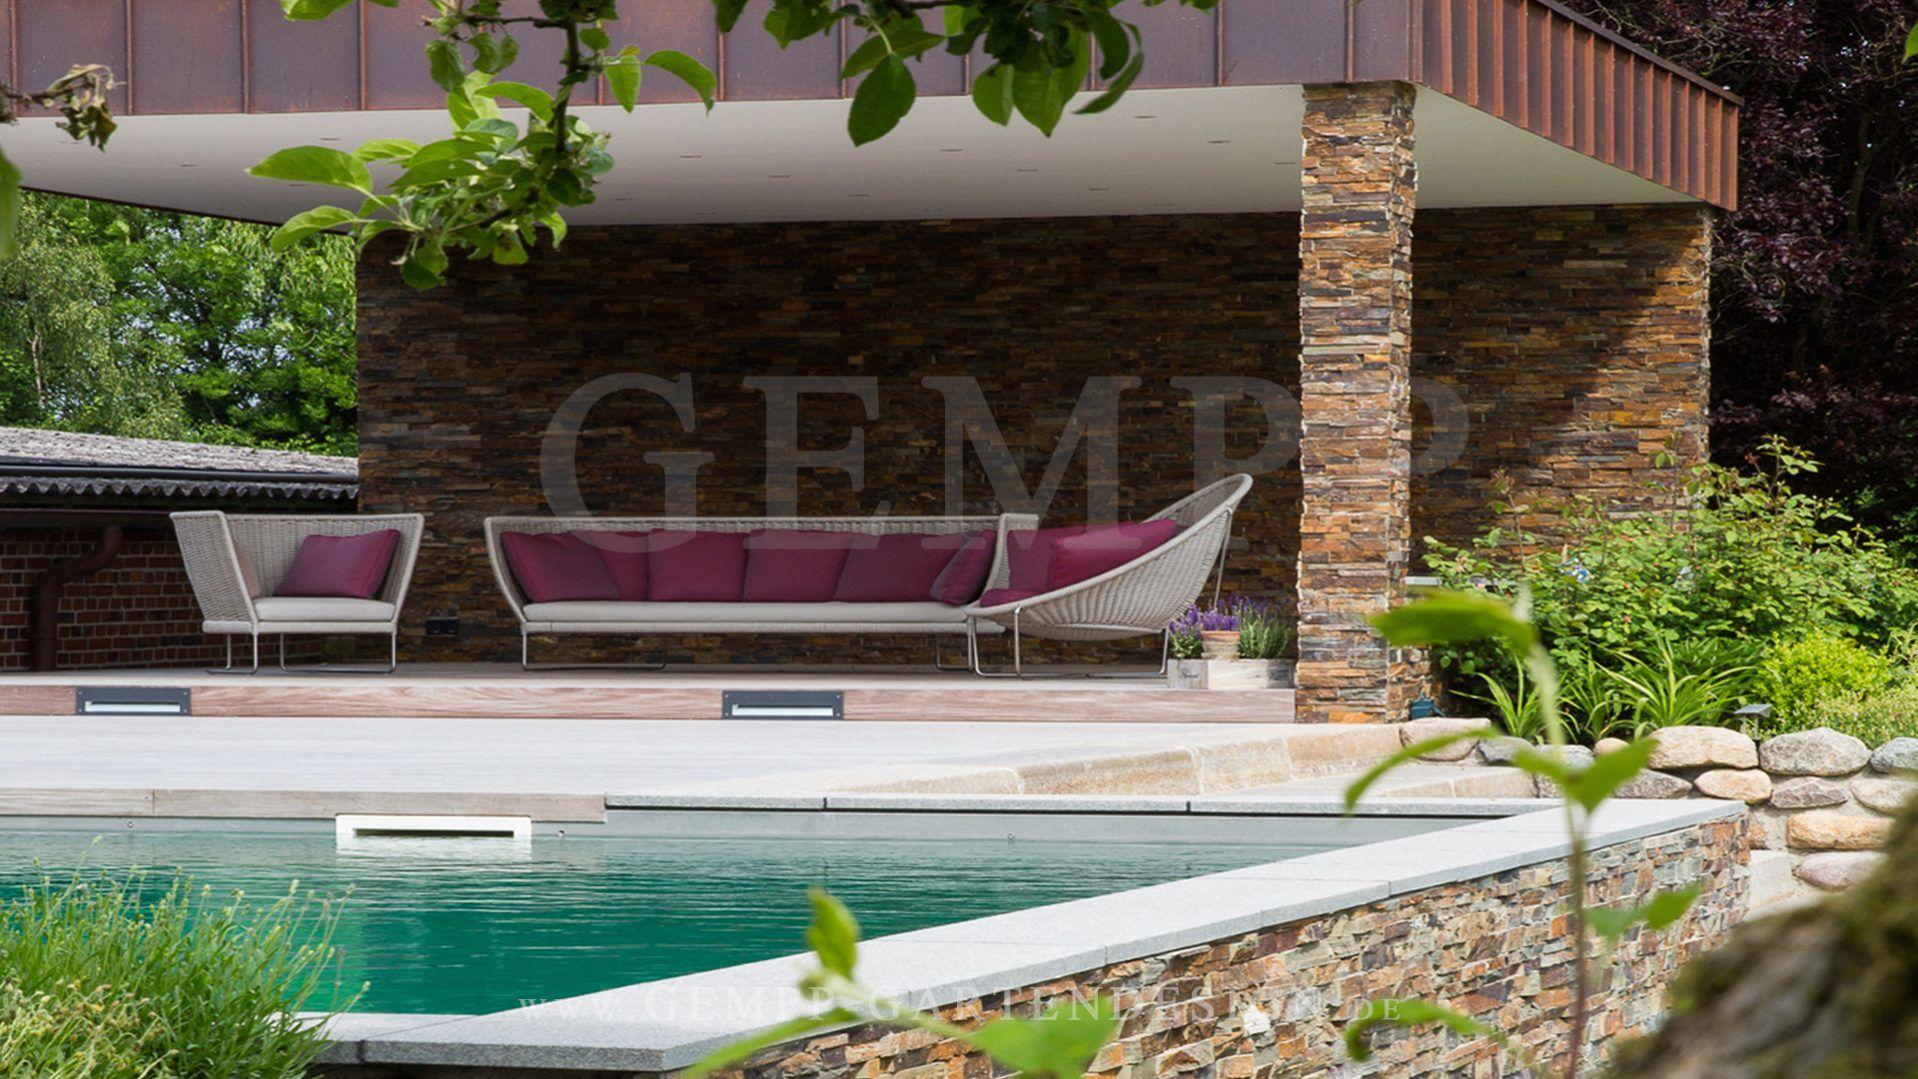 Moderne Gartengestaltung Mit Pool, überdachtem Freisitz Und  Design Gartenmöbeln #garten #pool #